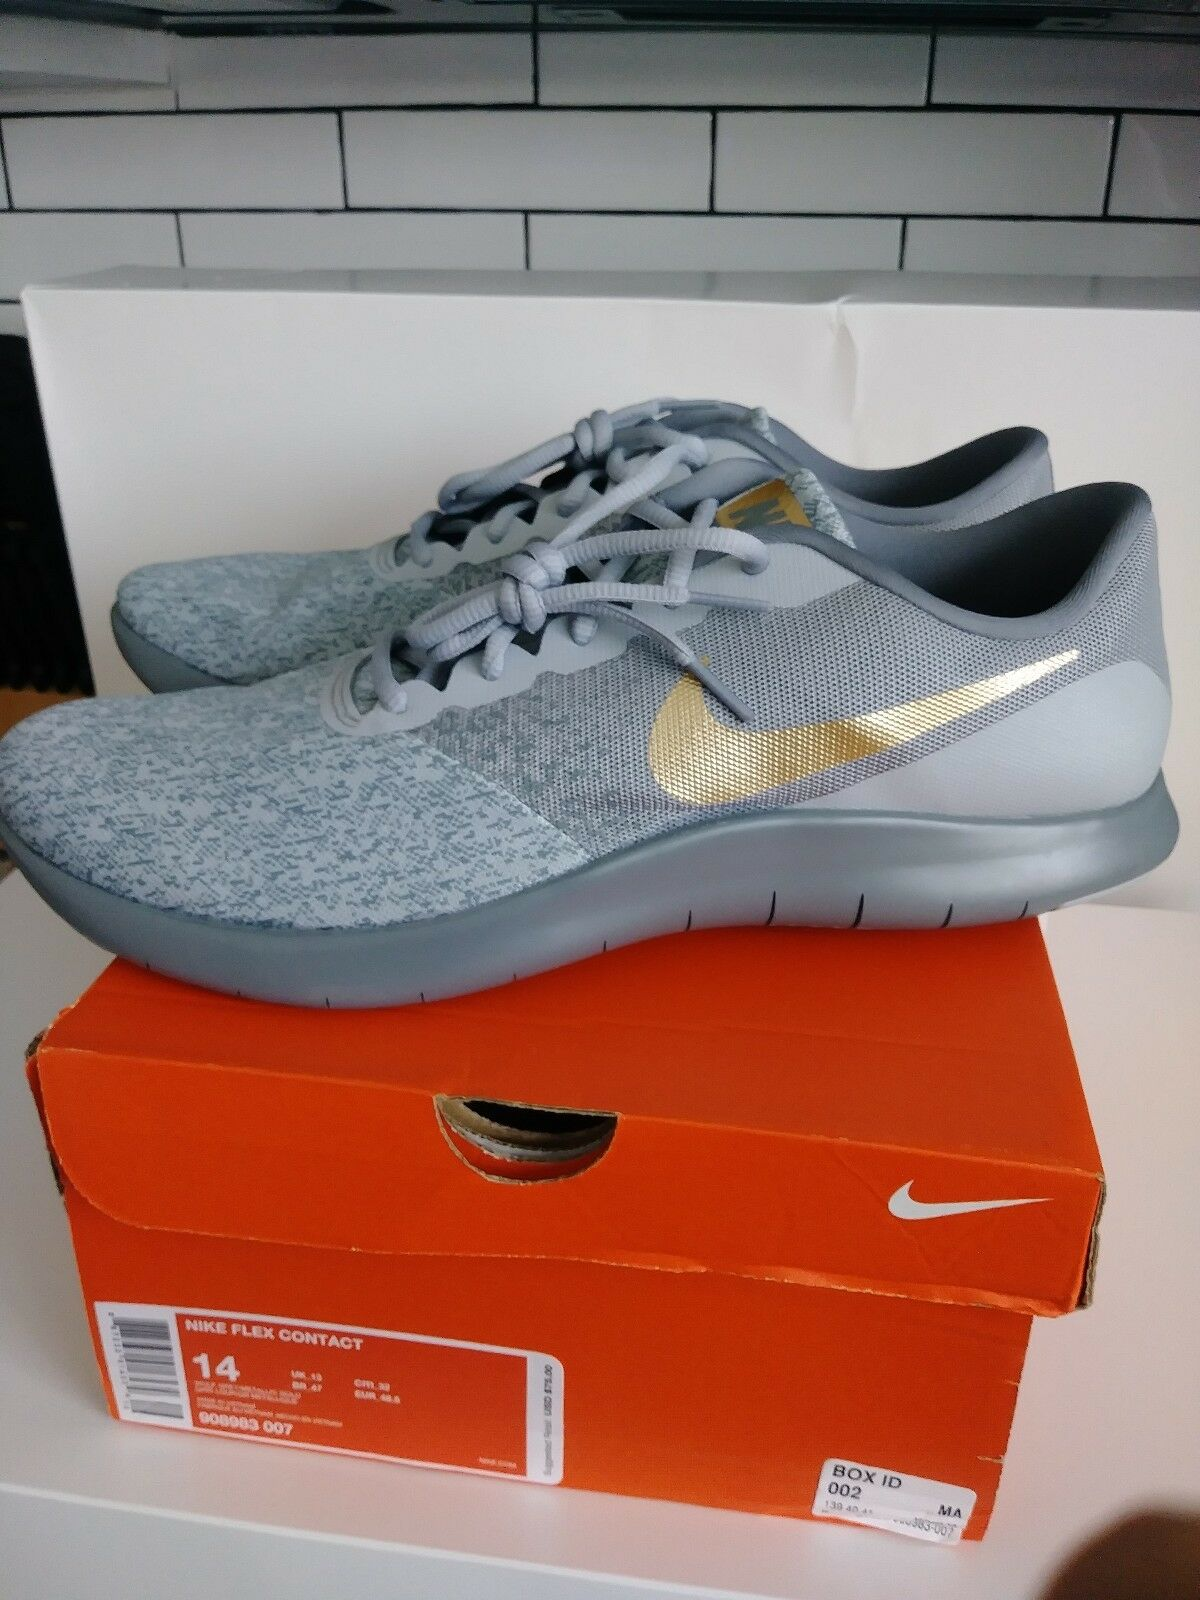 Uomo Nike Flex Contatto Dimensioni 14 D Lupo Grigio / Oro Metallico